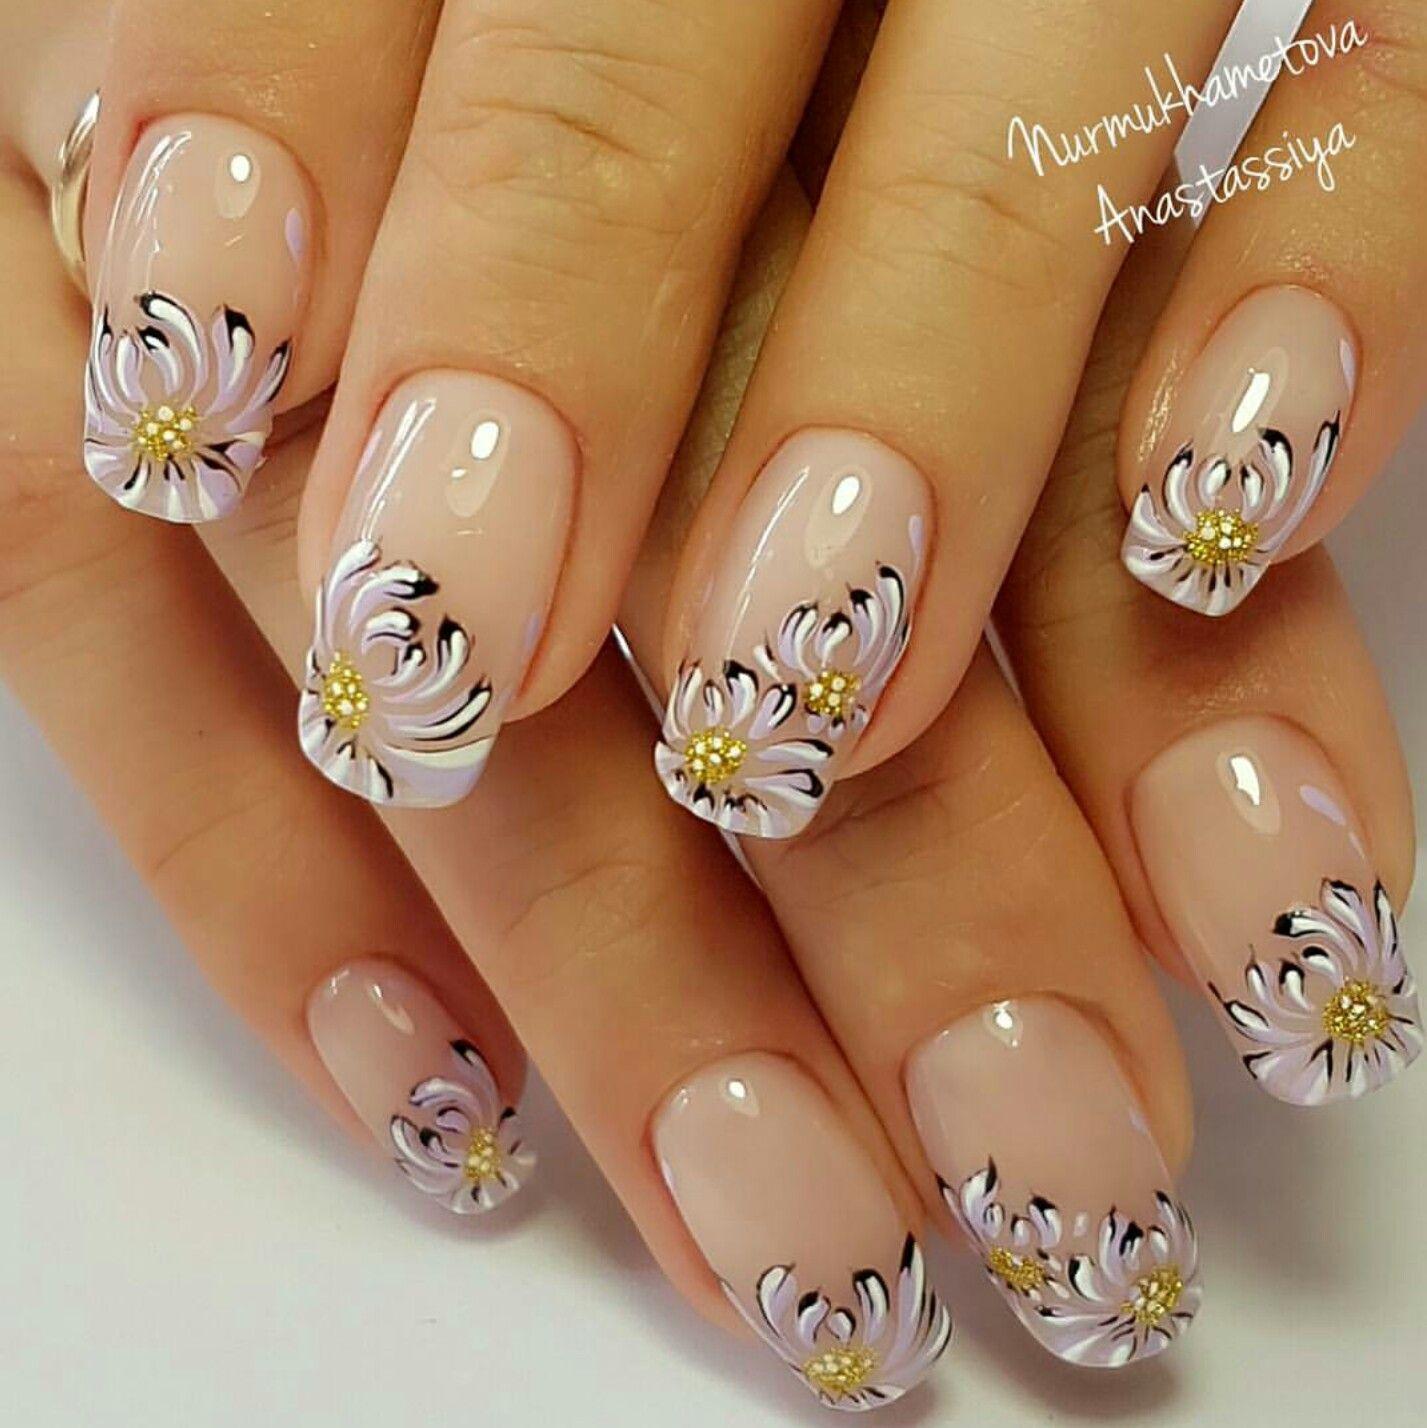 Pin de Olga en ногти | Pinterest | Diseños de uñas, Manicuras y Arte ...